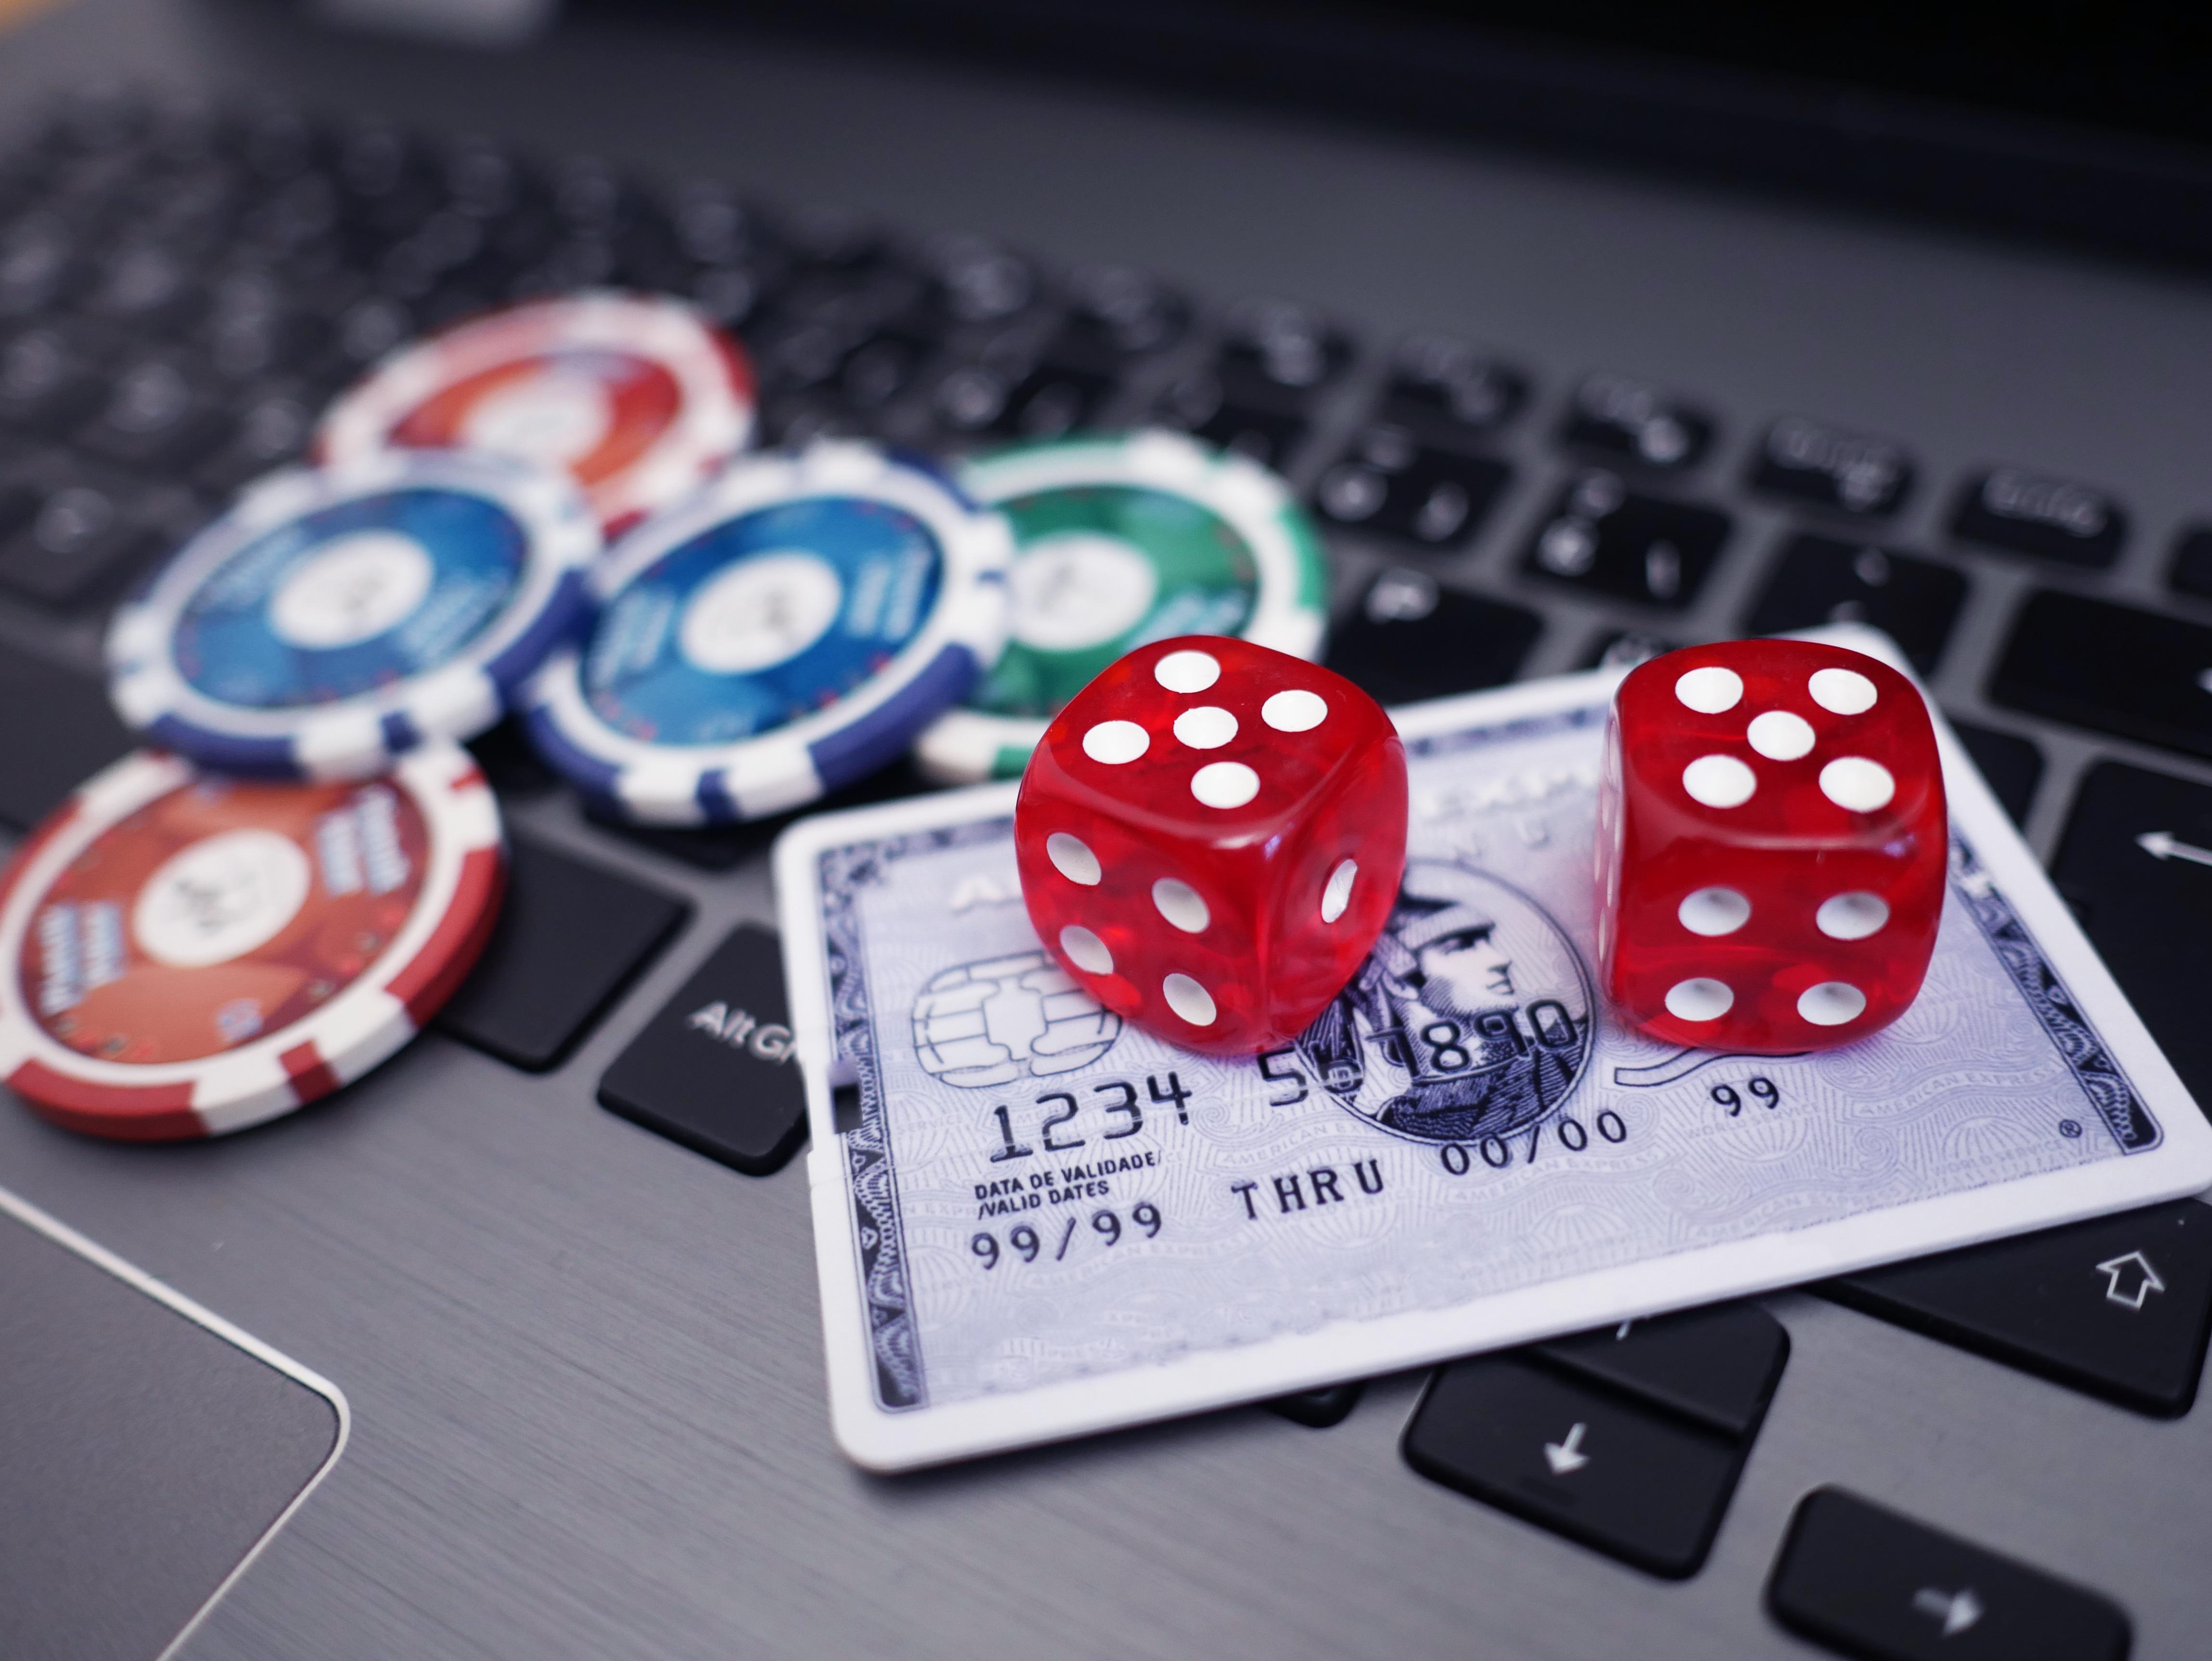 Le marché des casinos en ligne en plein essor